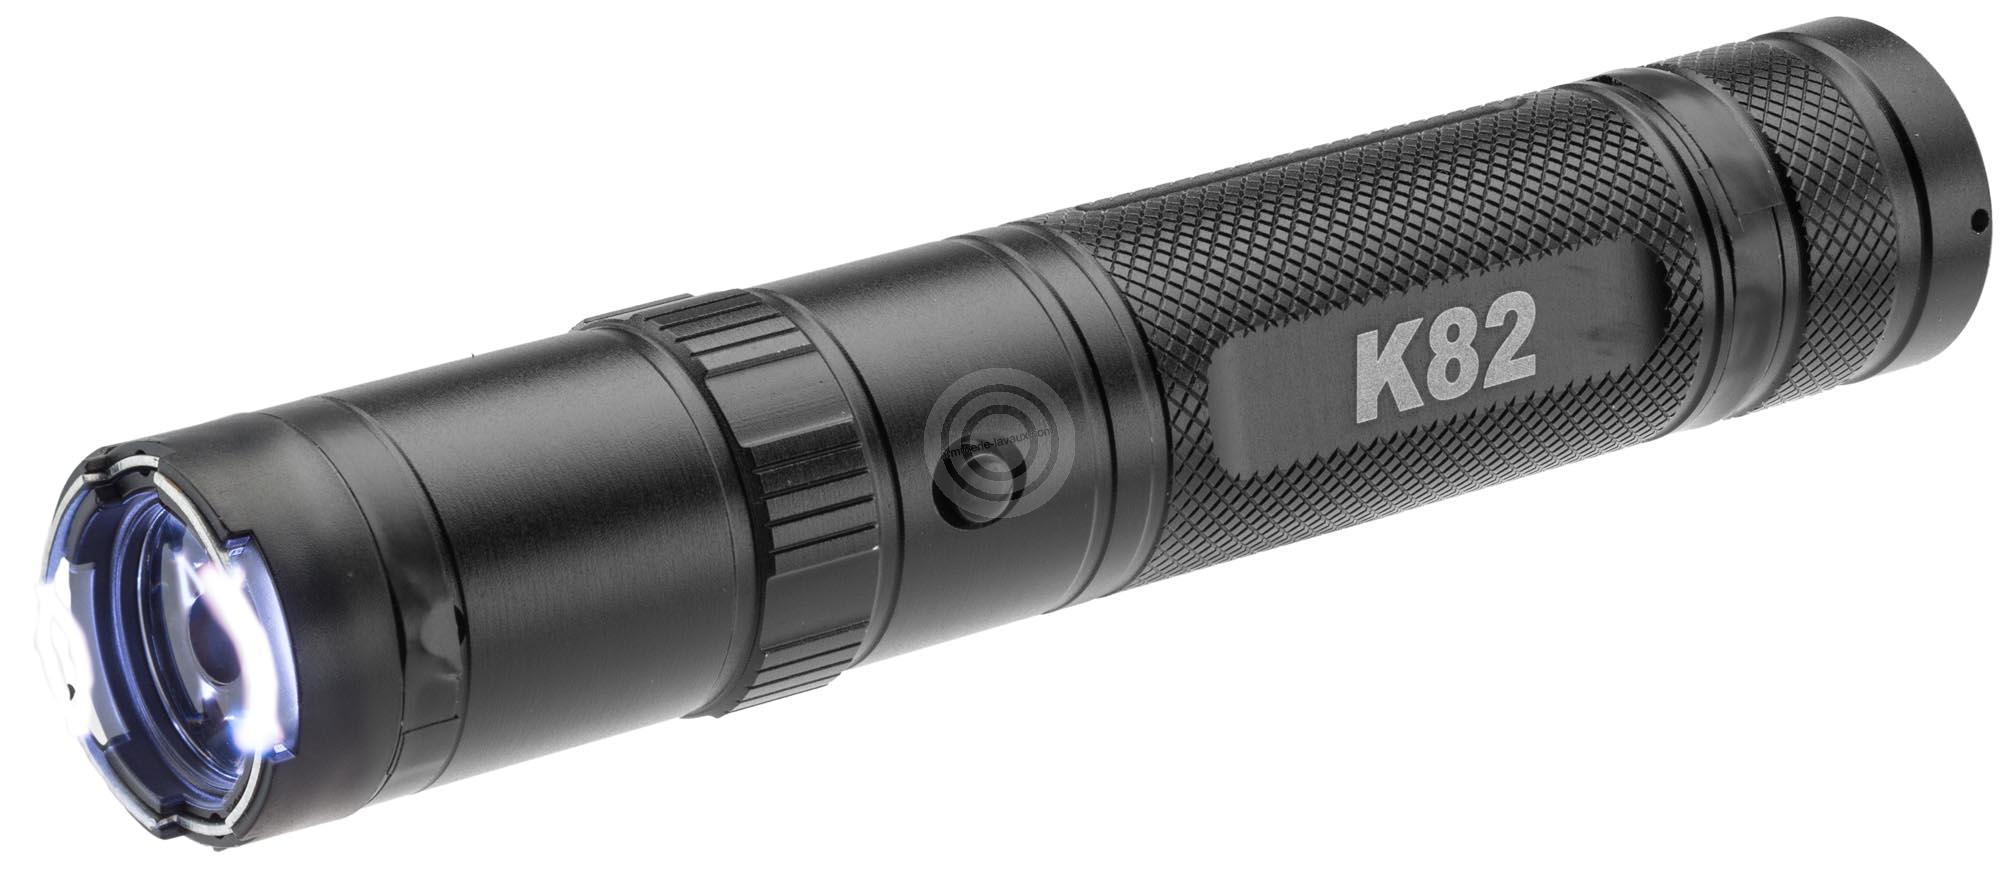 Lampe rechargeable CONCORDE K82 avec leds 230 Lumens 2 800 000 Volts